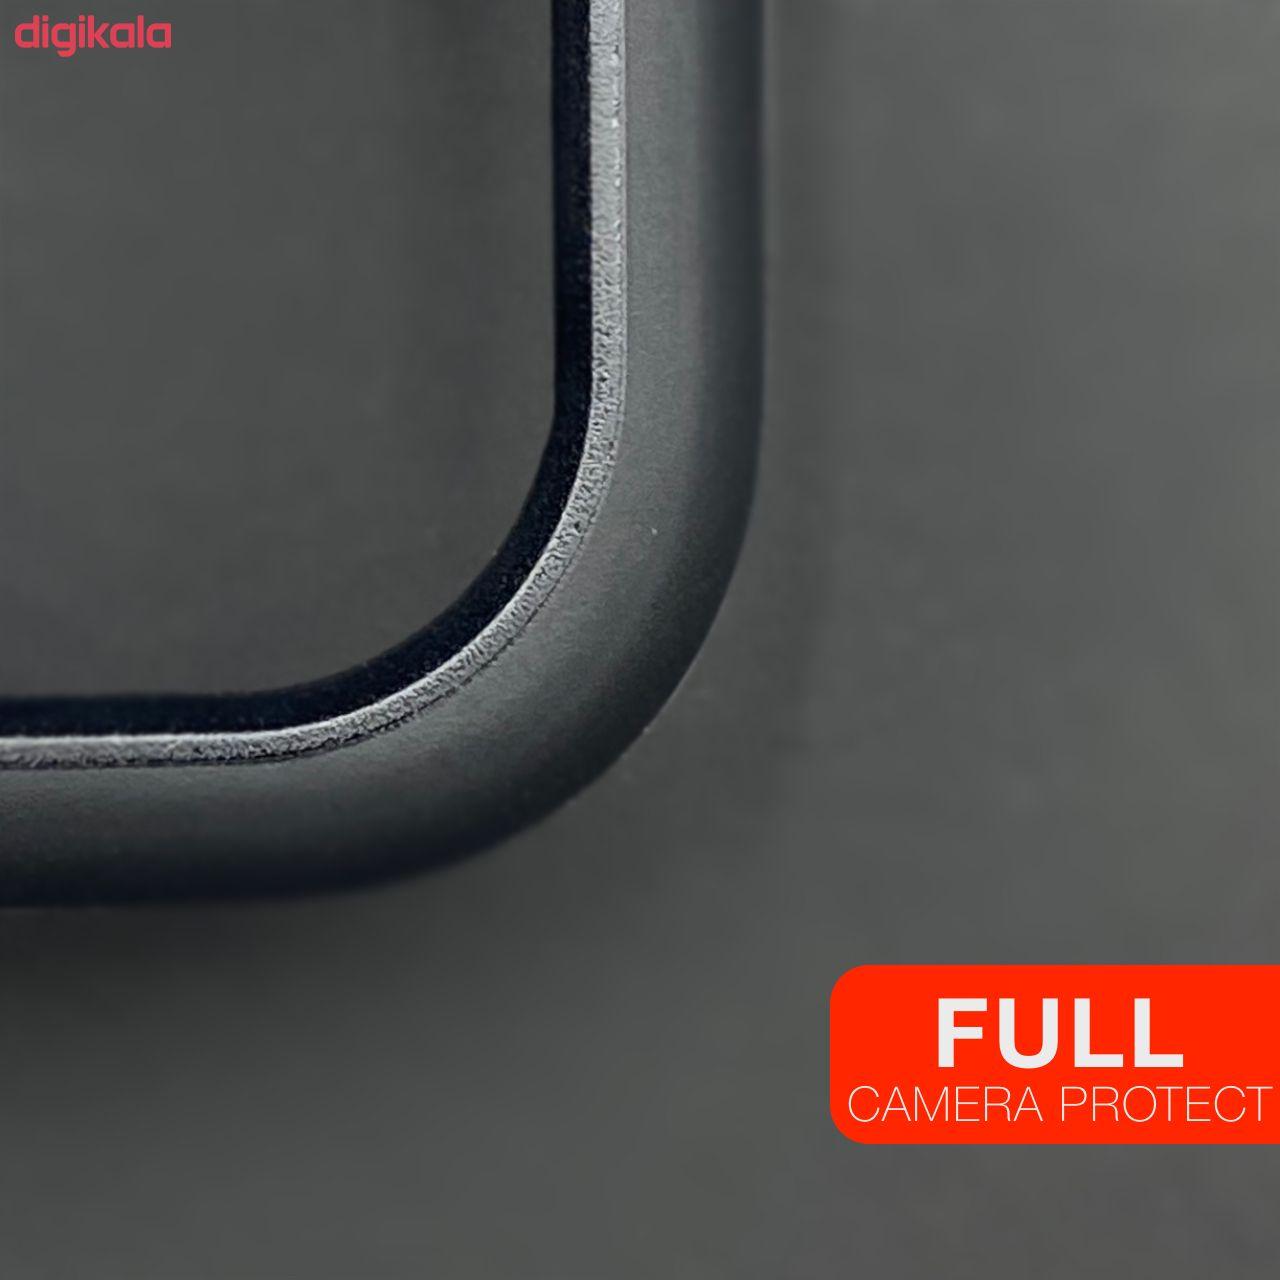 کاور آکام مدل A71797 مناسب برای گوشی موبایل اپل iPhone 7/8 main 1 4